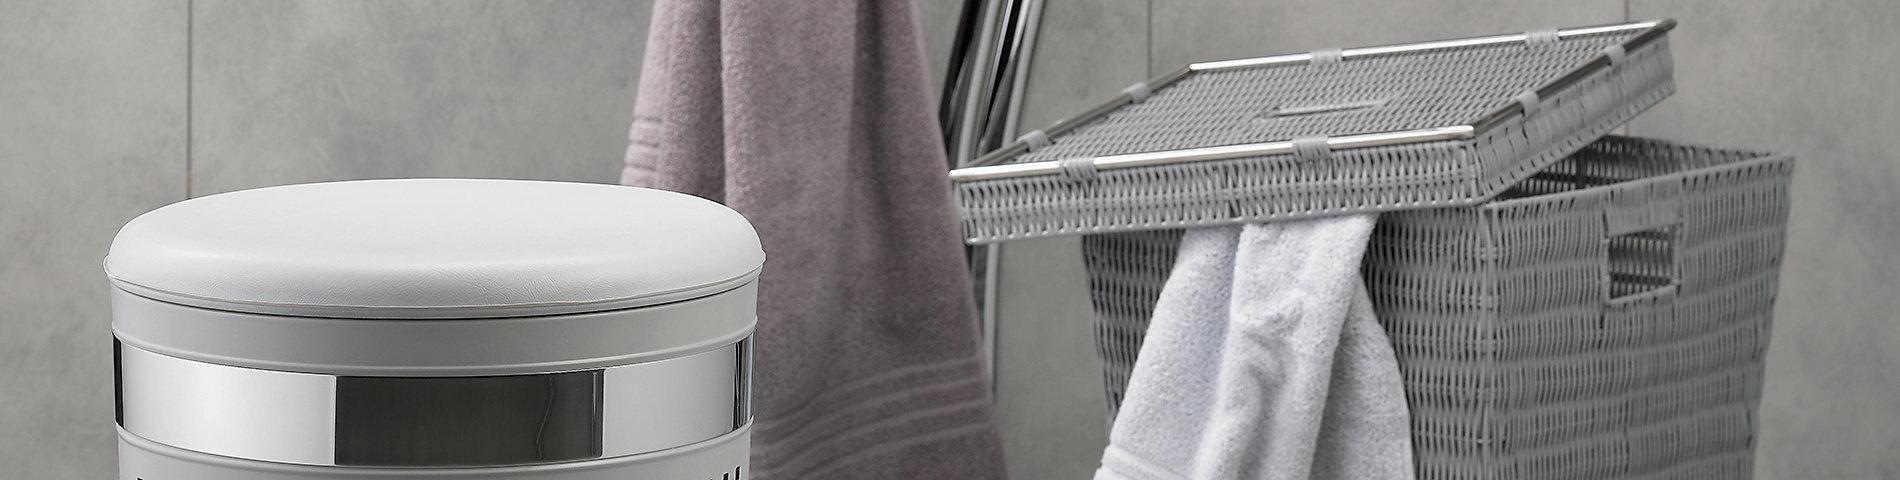 Wäschekorb, Wäschesammler, Wäschebox  Kela Online Shop